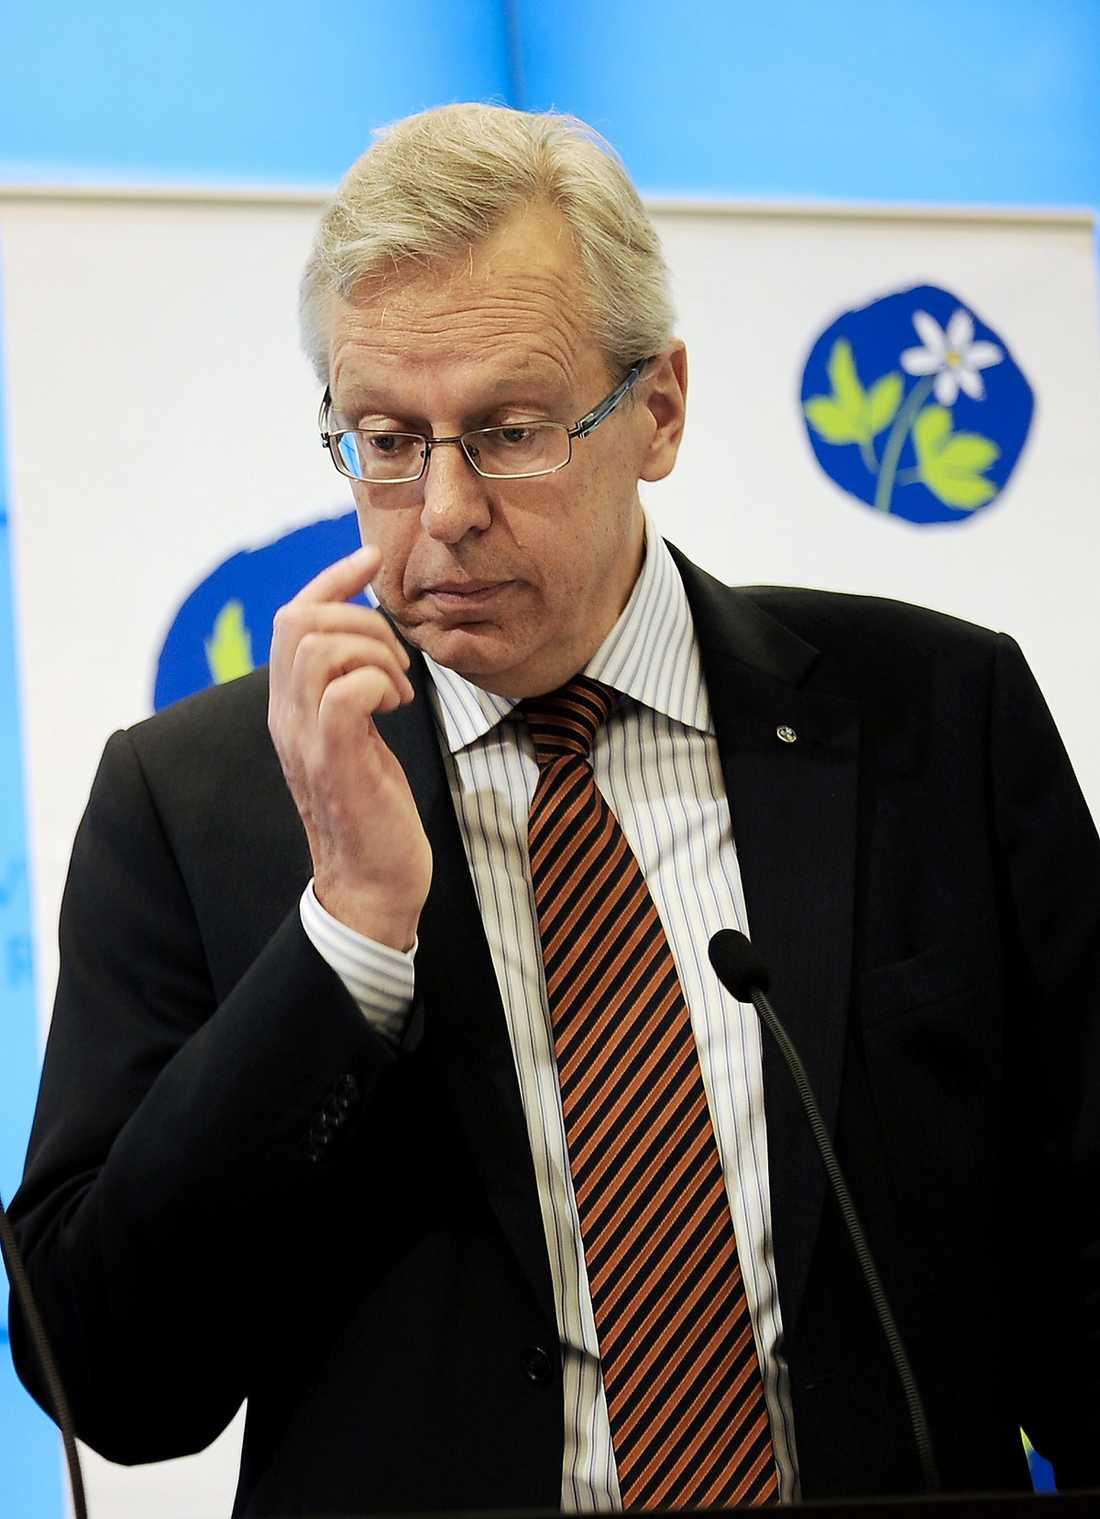 SNART UTE UR LEKEN När Mats Odells öppet utmanade Göran Hägglund som partiledare gjorde han sig omöjlig att behålla för partistyrelsen.